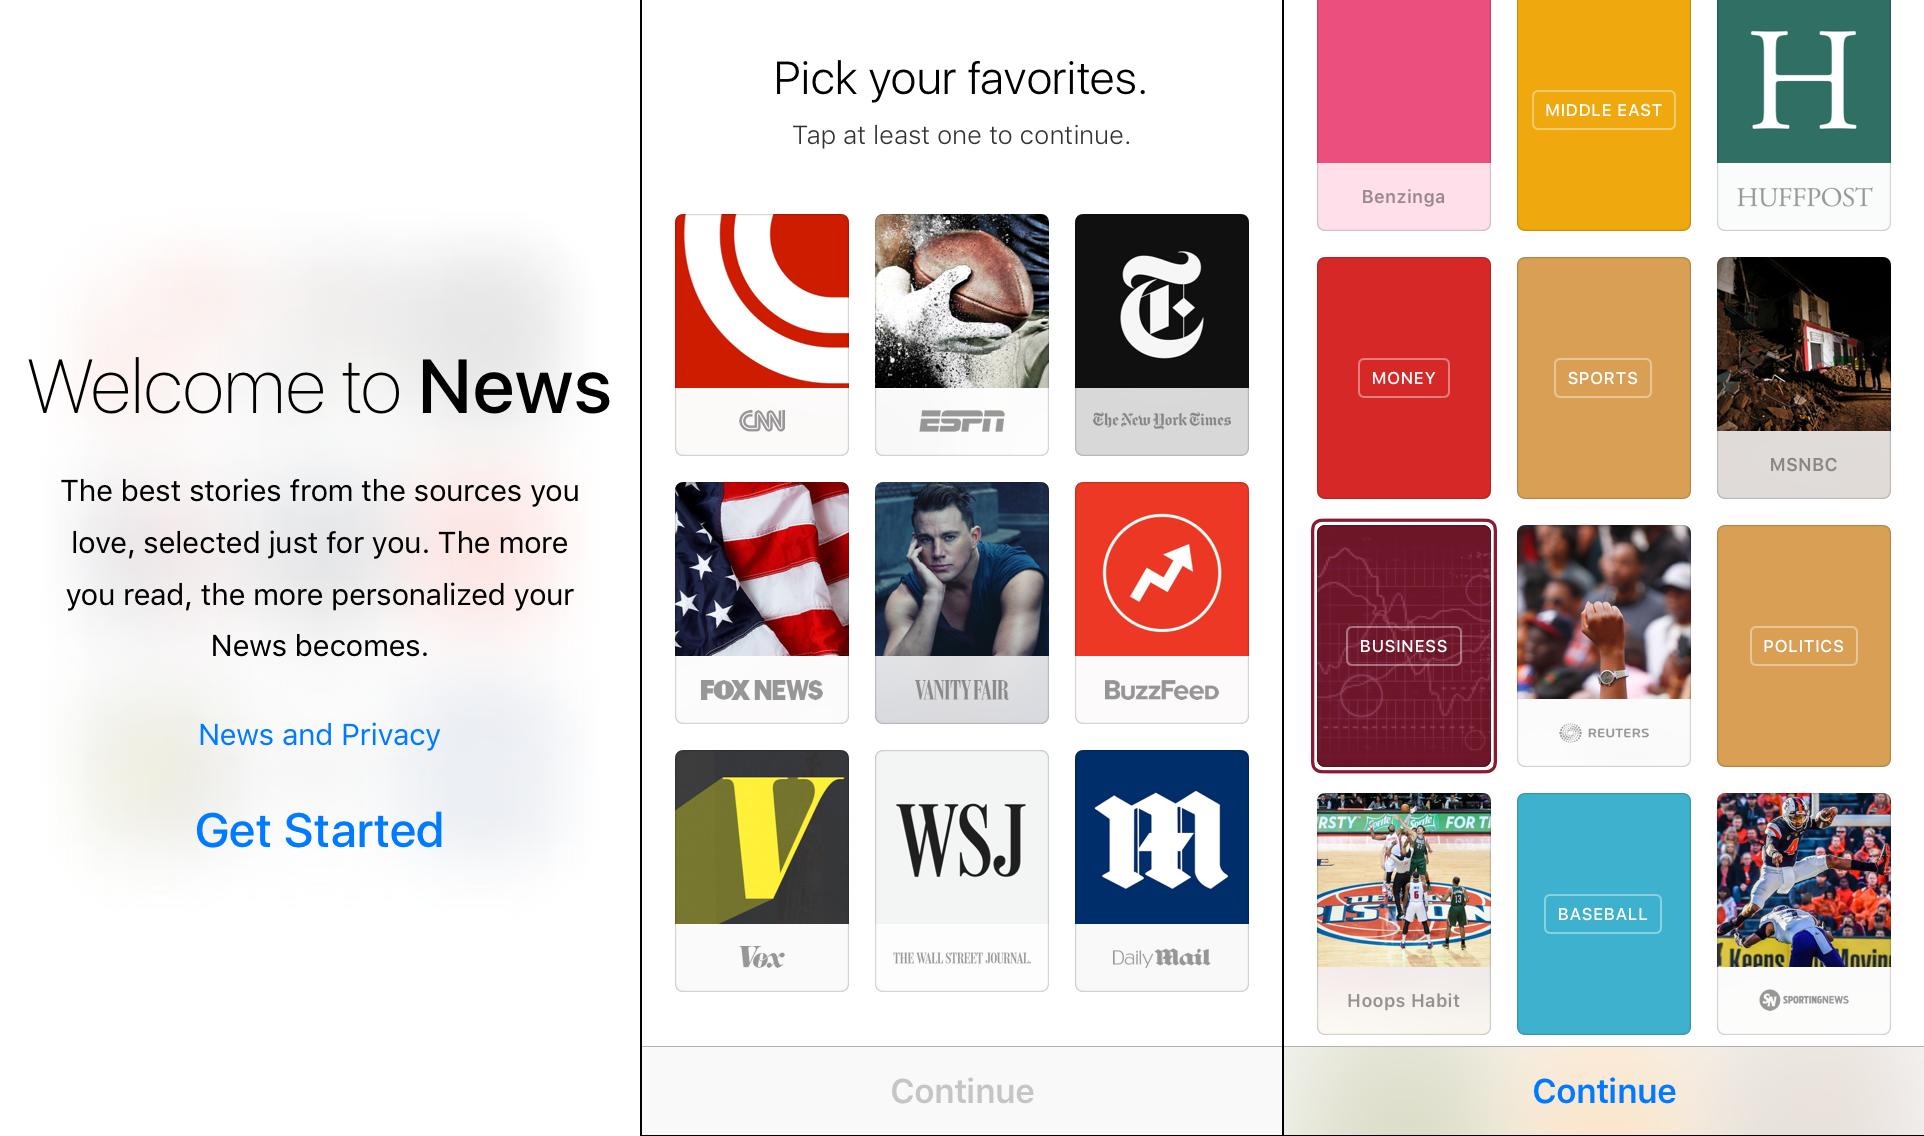 news-app-ios9-001